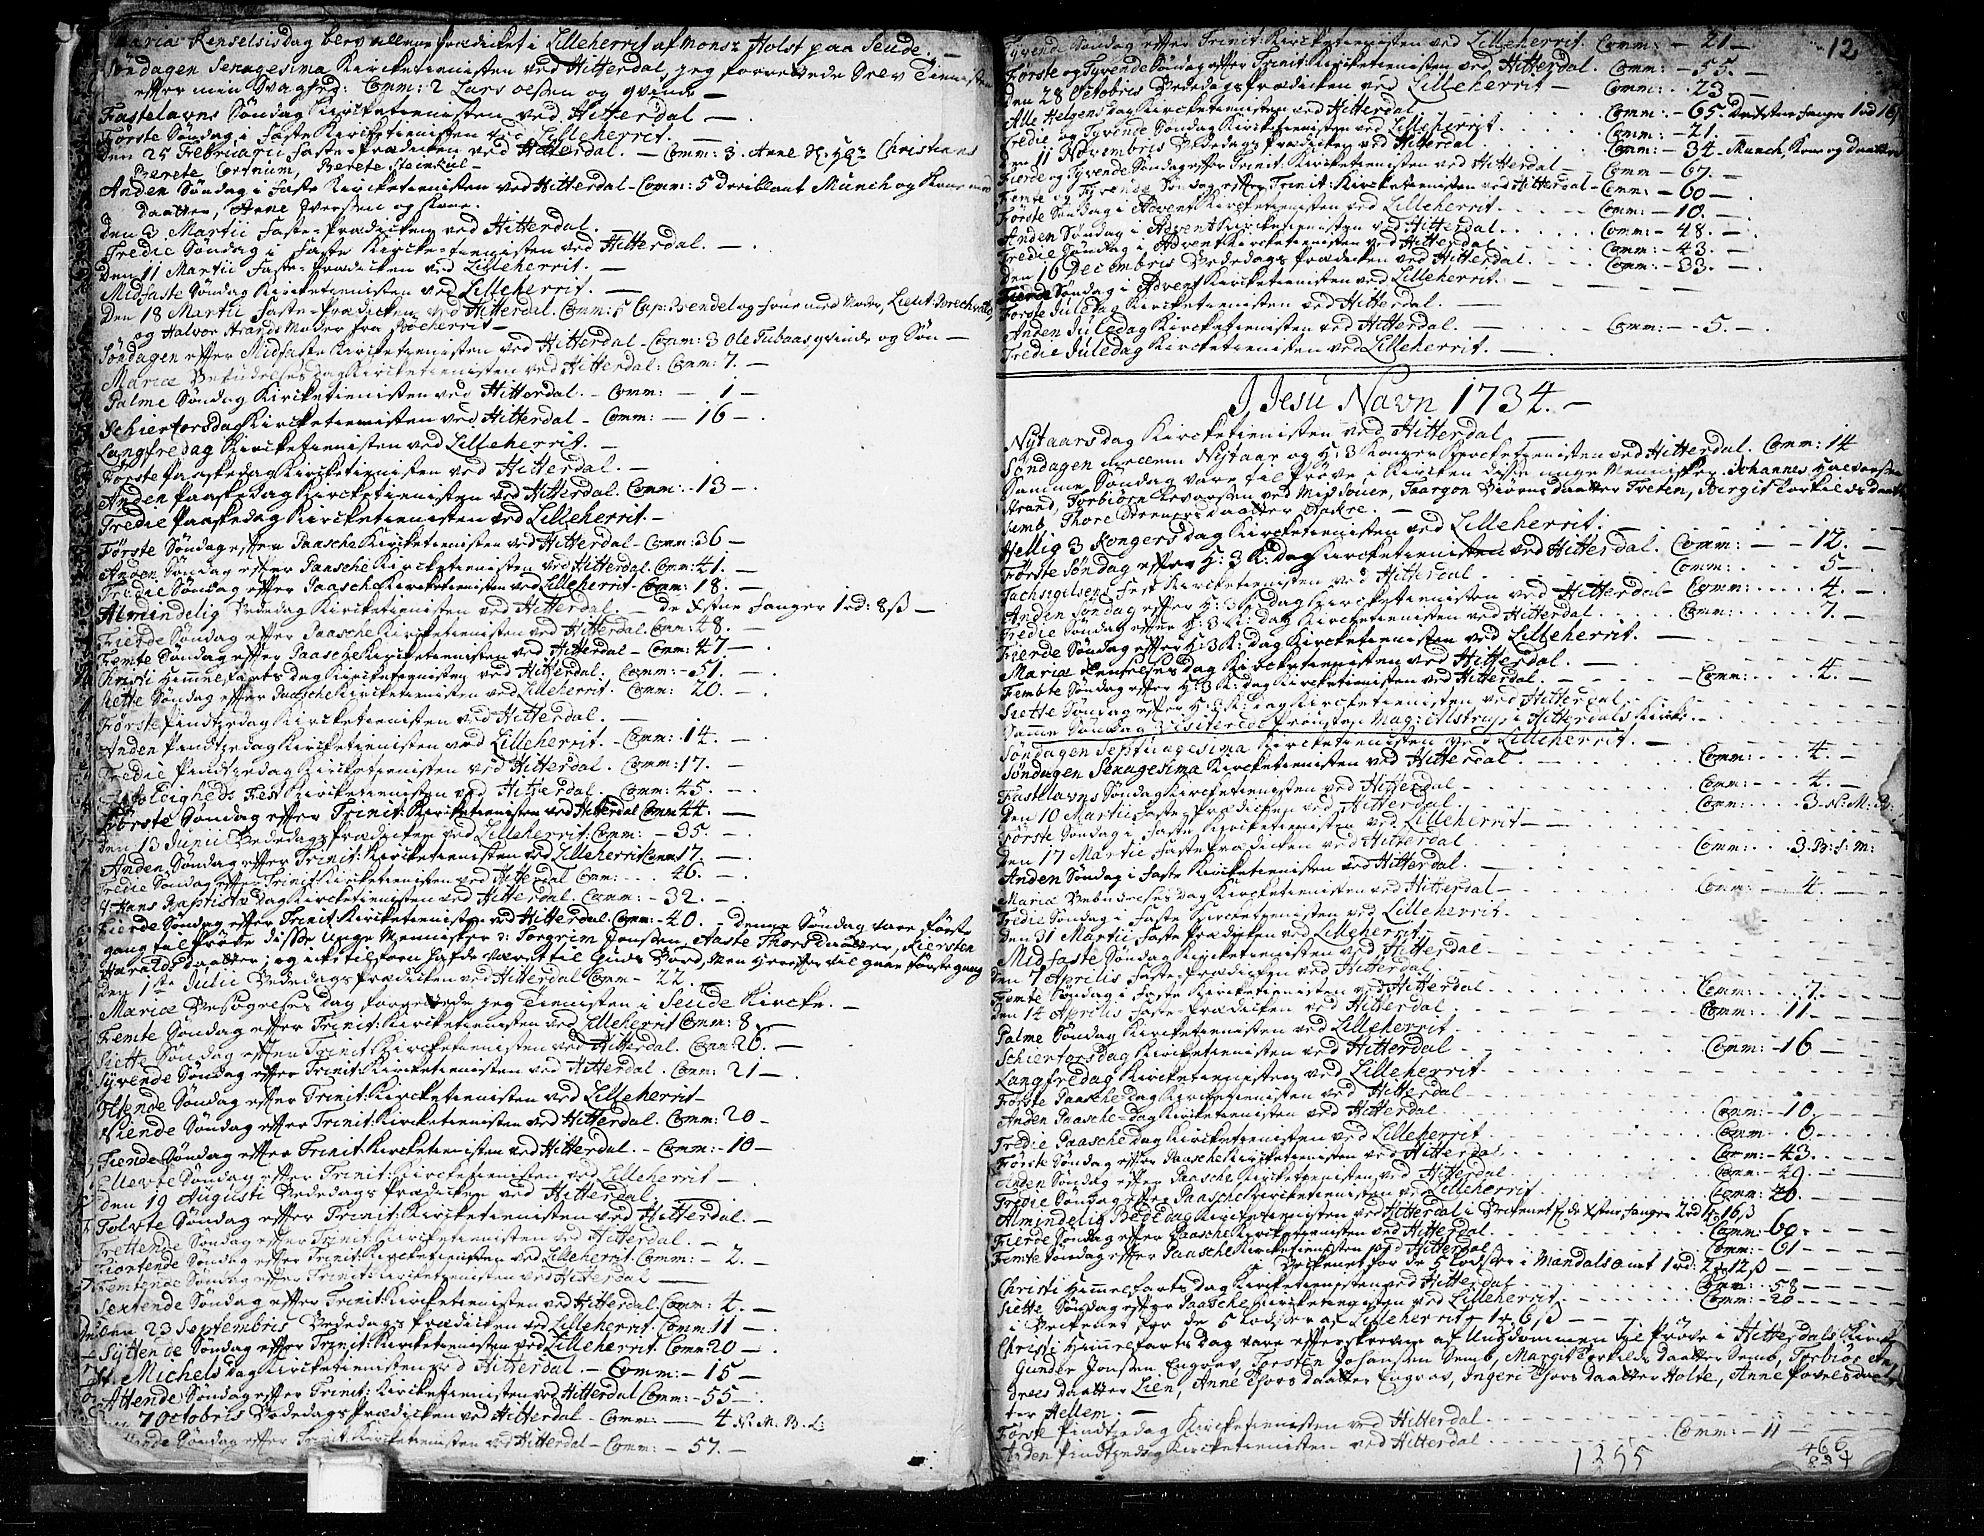 SAKO, Heddal kirkebøker, F/Fa/L0003: Ministerialbok nr. I 3, 1723-1783, s. 12